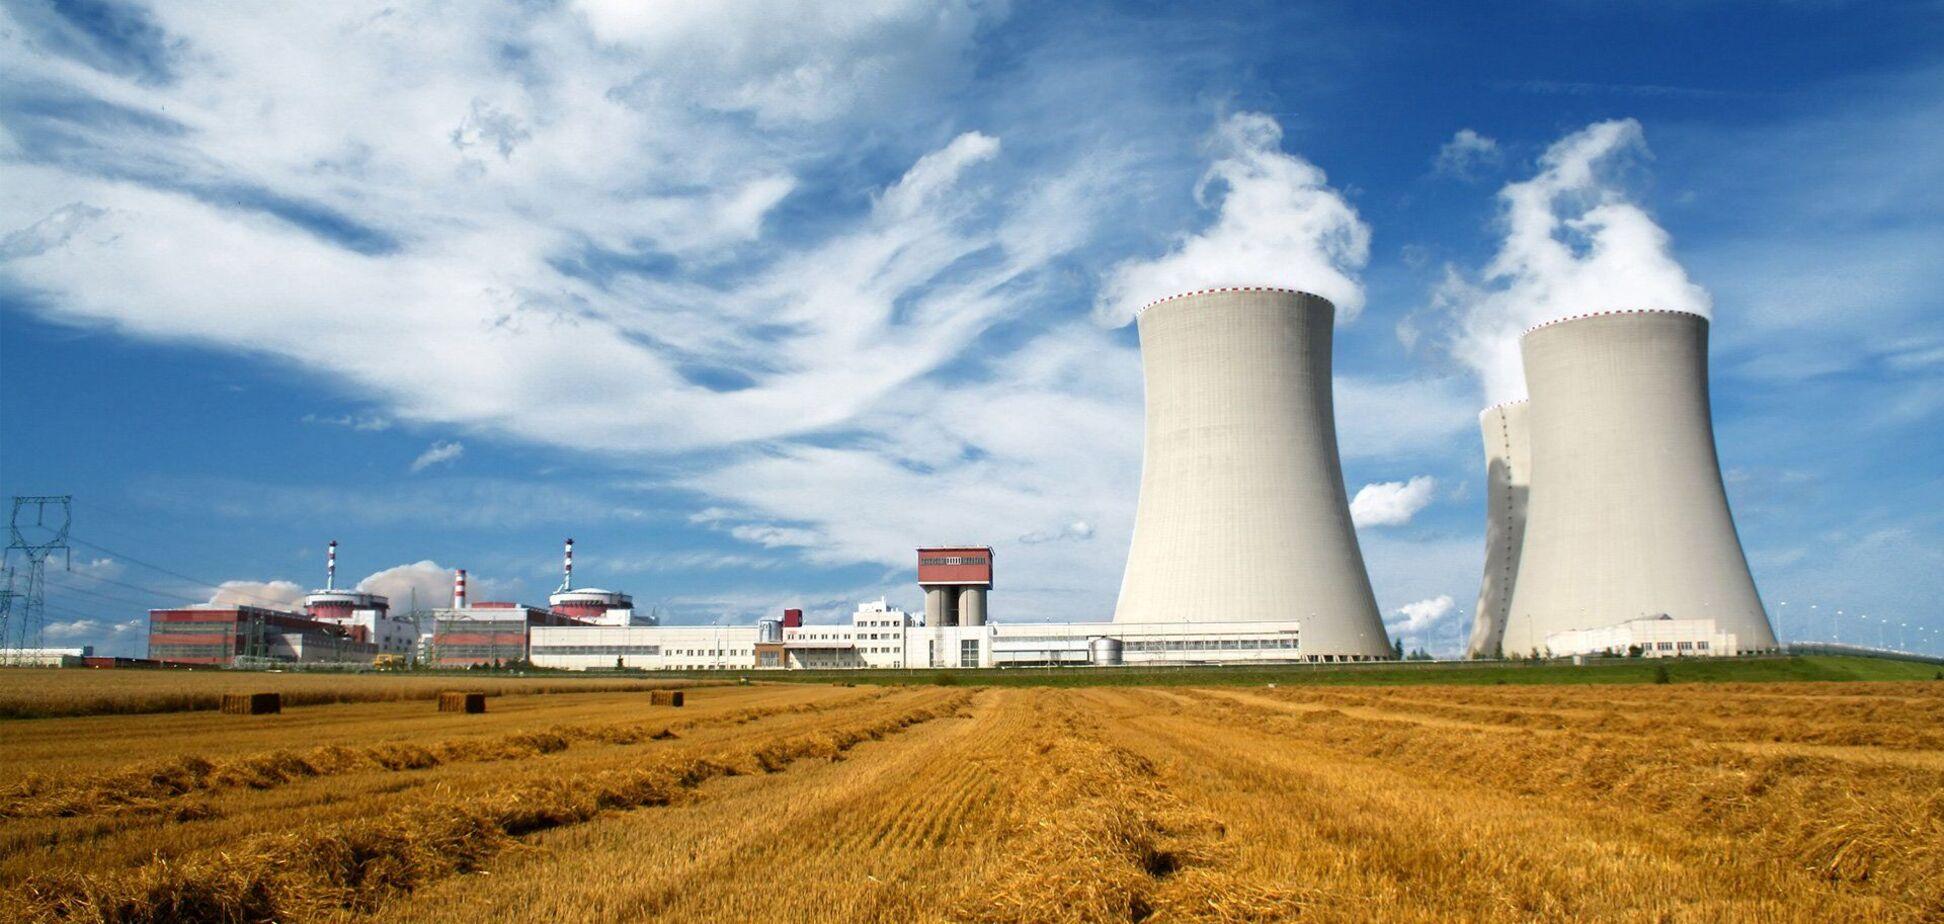 Якобы дешевая энергия АЭС дорого обойдется украинцам через 10-15 лет, – эксперты